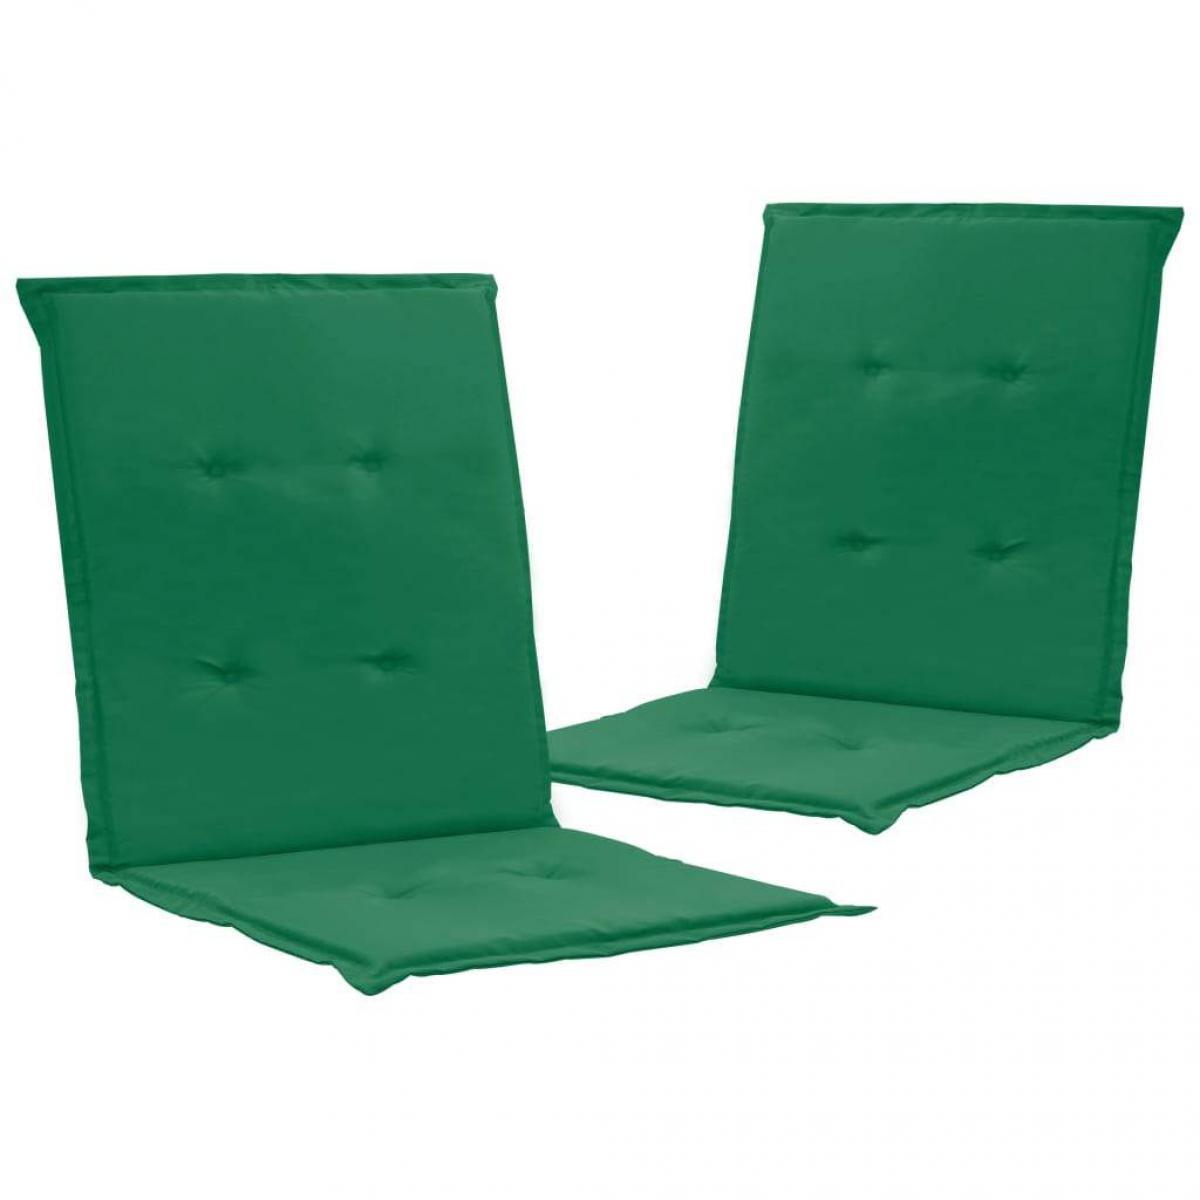 Decoshop26 lot de 2 coussins de chaise de jardin 100% polyester imperméable vert 100 x 50 x 3 cm DEC021684